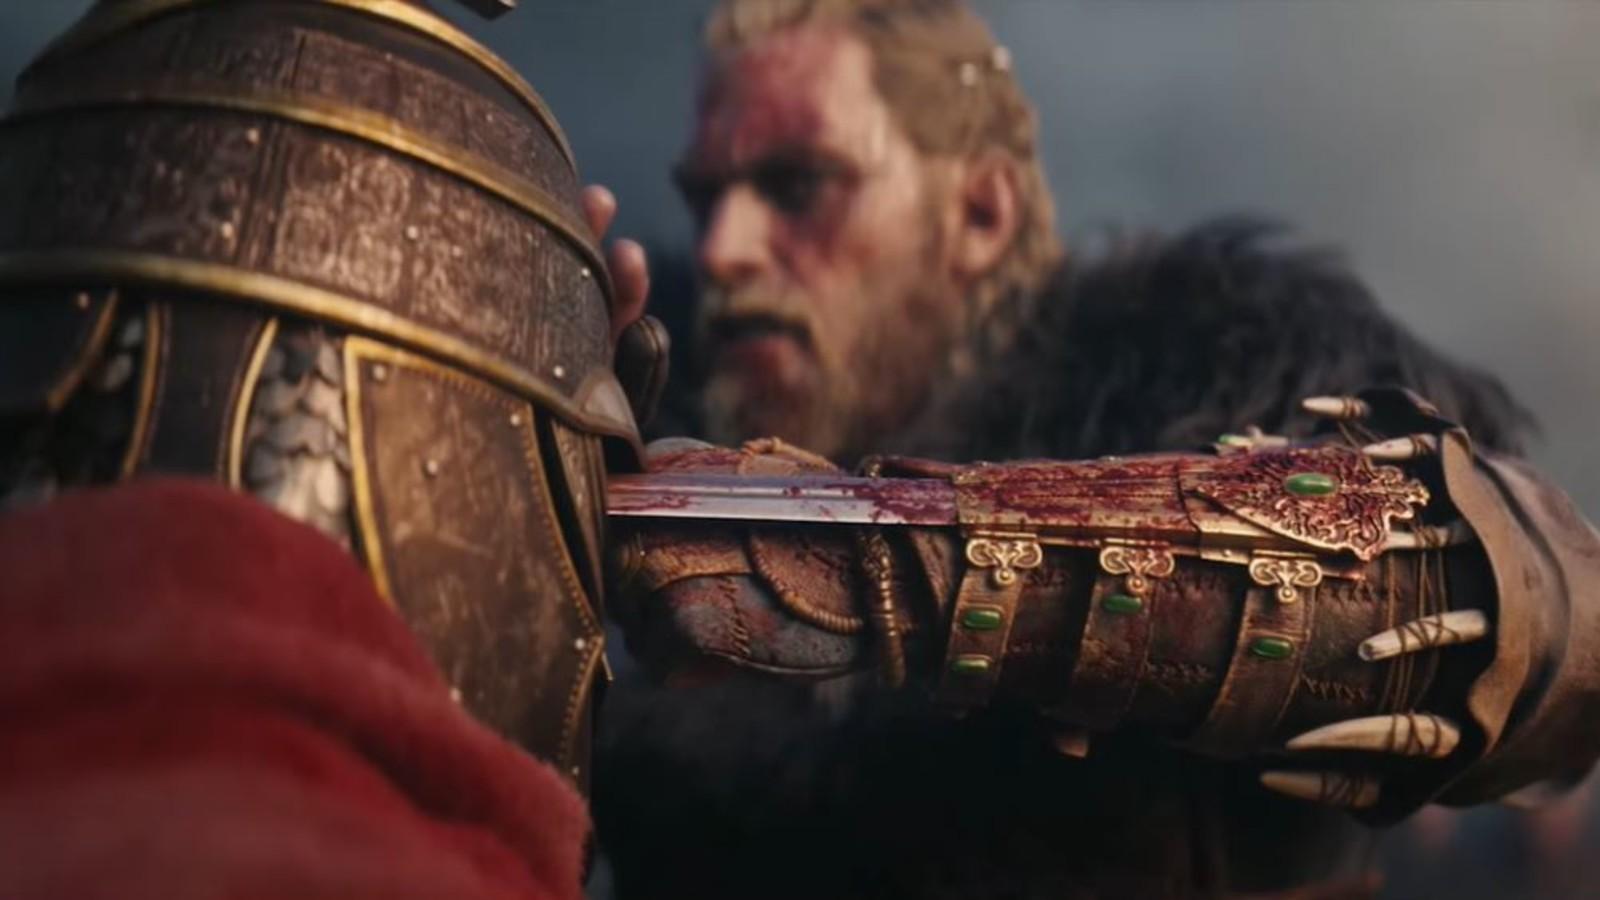 育碧把《刺客信条:英灵殿》主角的袖剑放在明